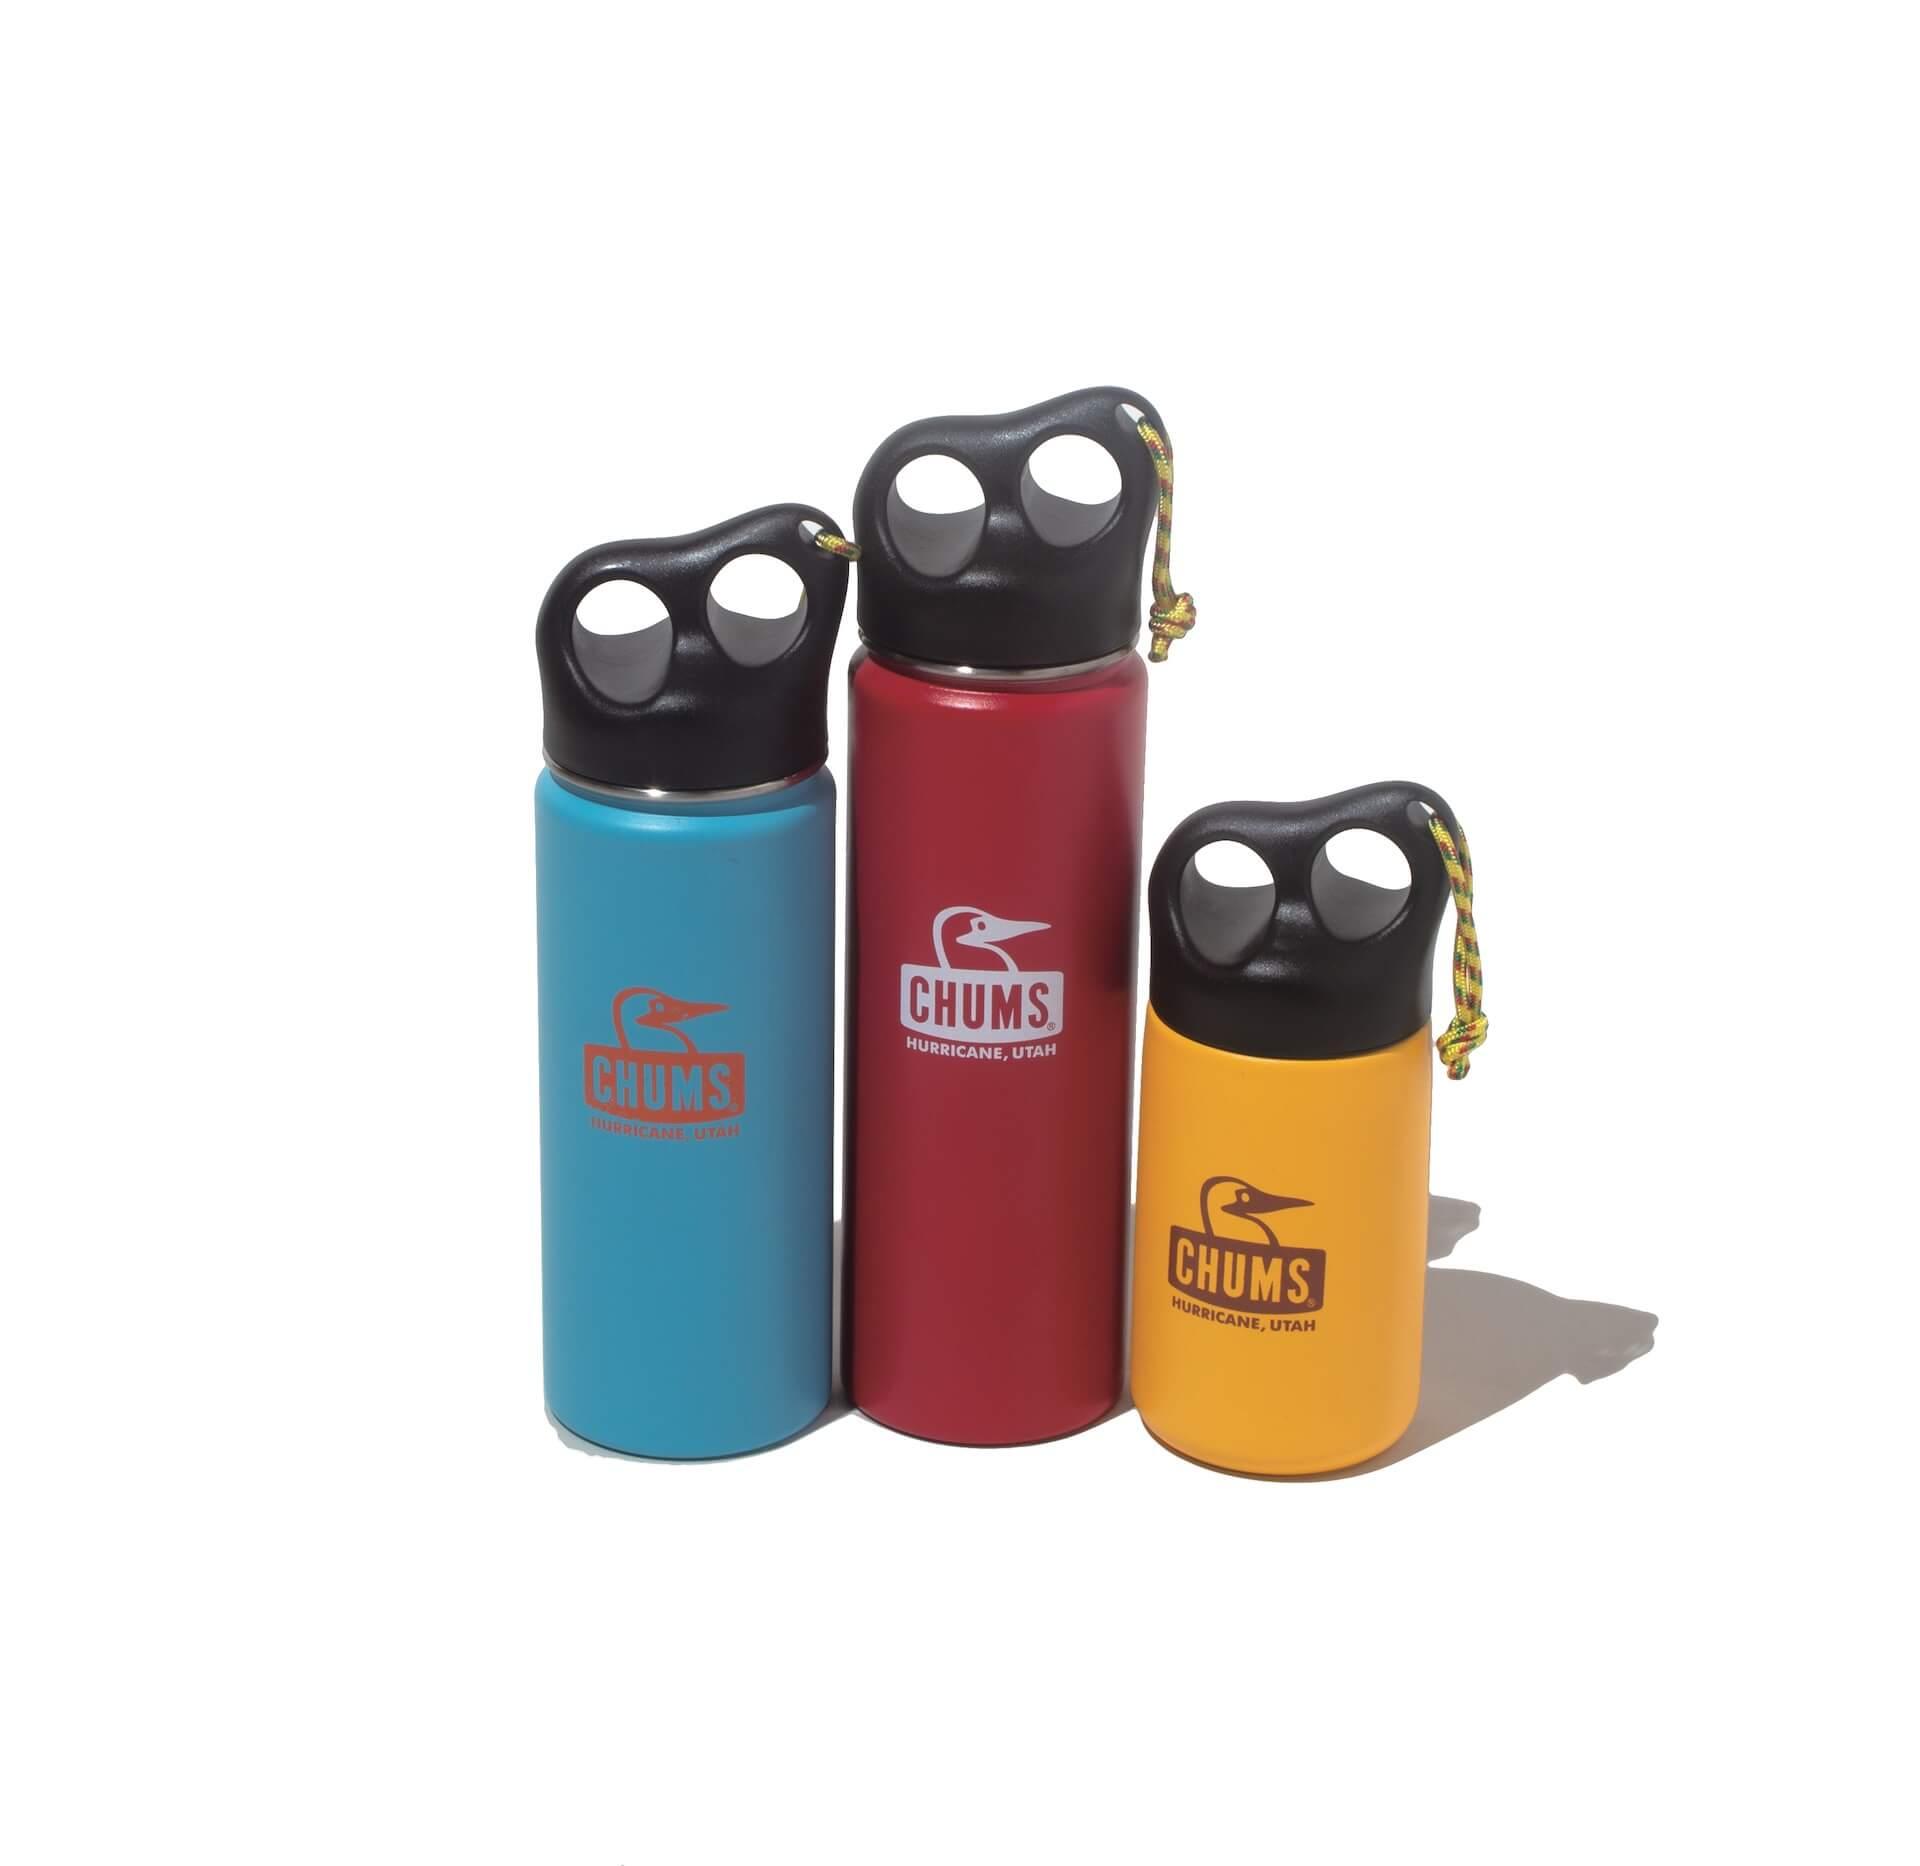 チャムスから環境に優しいカラフルでポップな3サイズ全8色のステンレスボトルが登場 IMG_8369